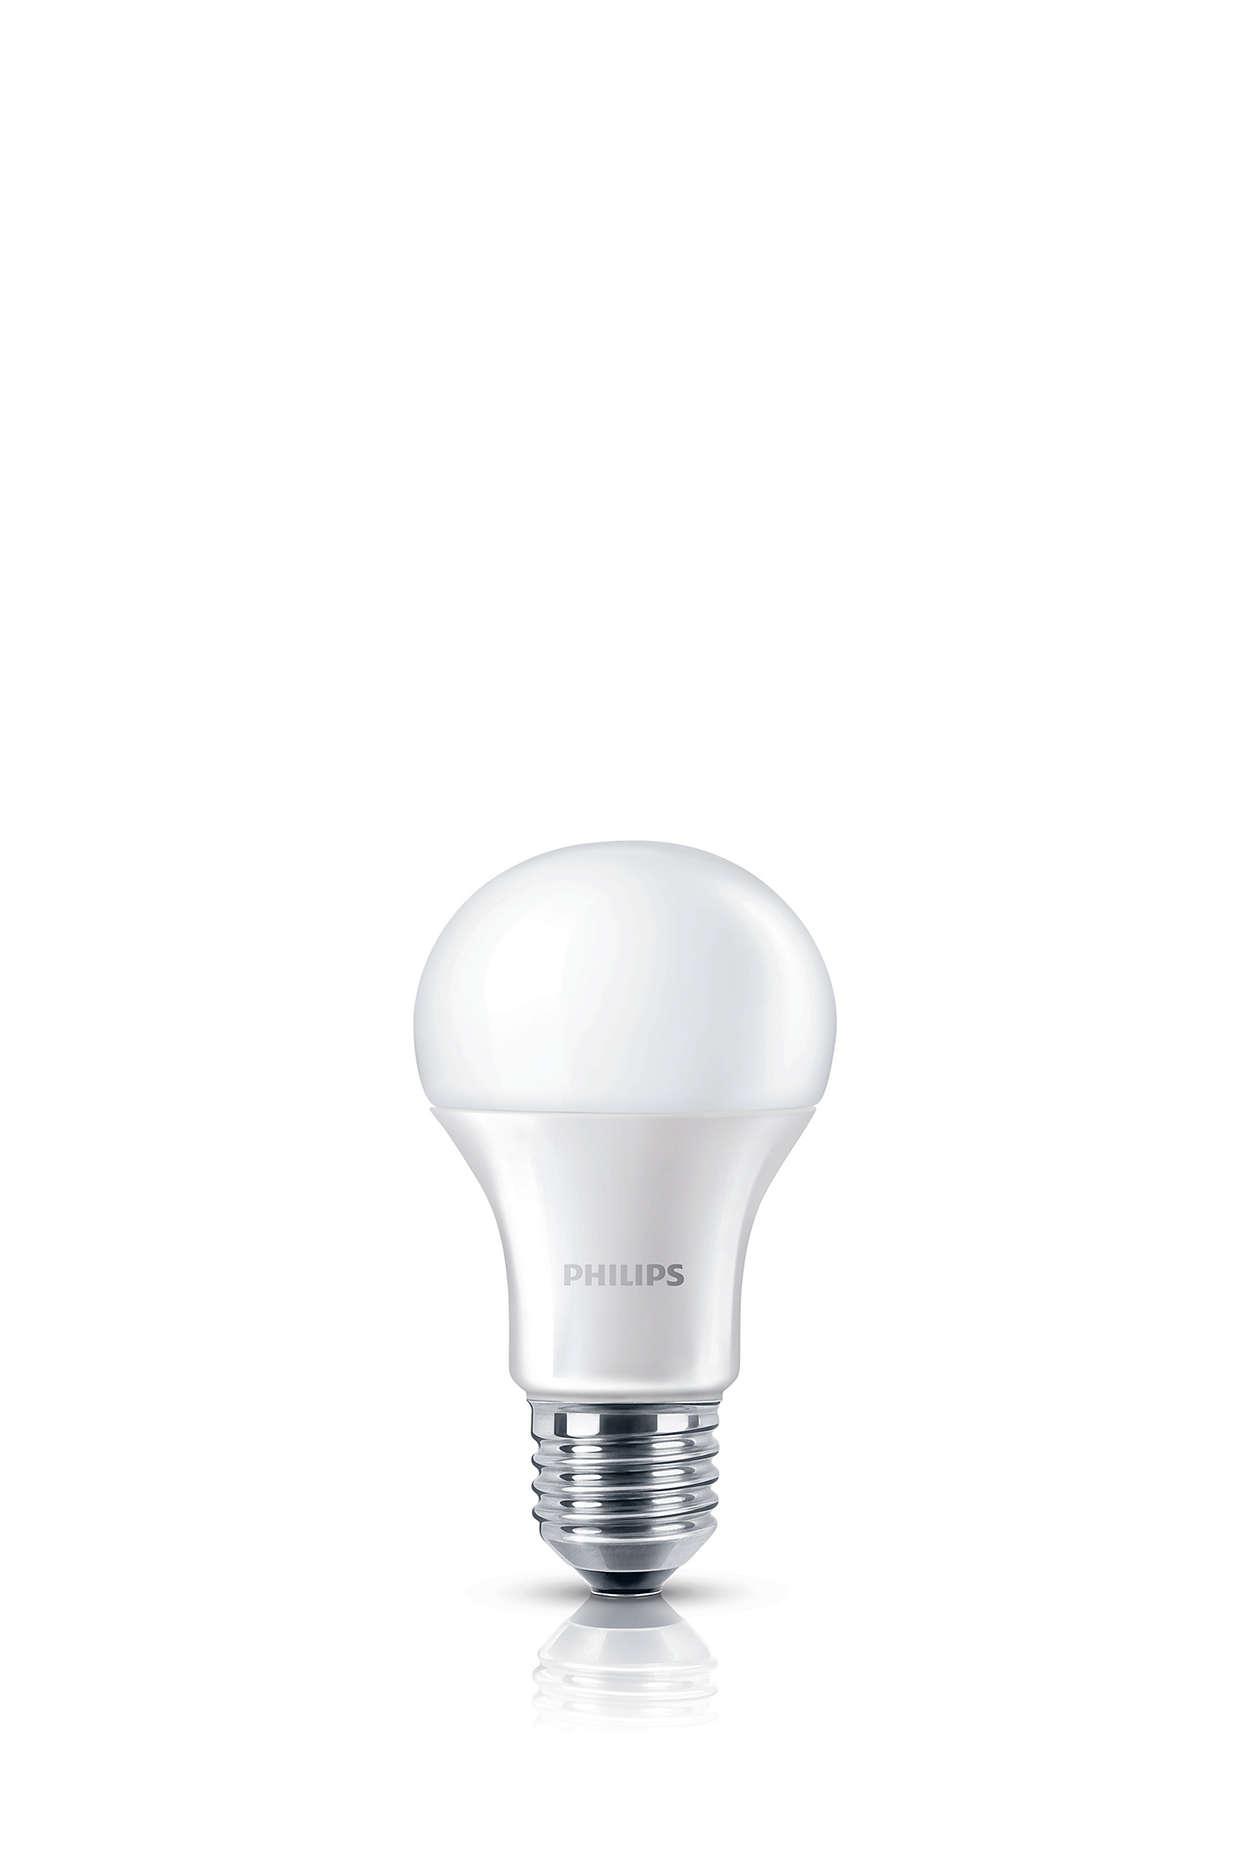 Luz blanca brillante, sin sacrificar calidad de luz